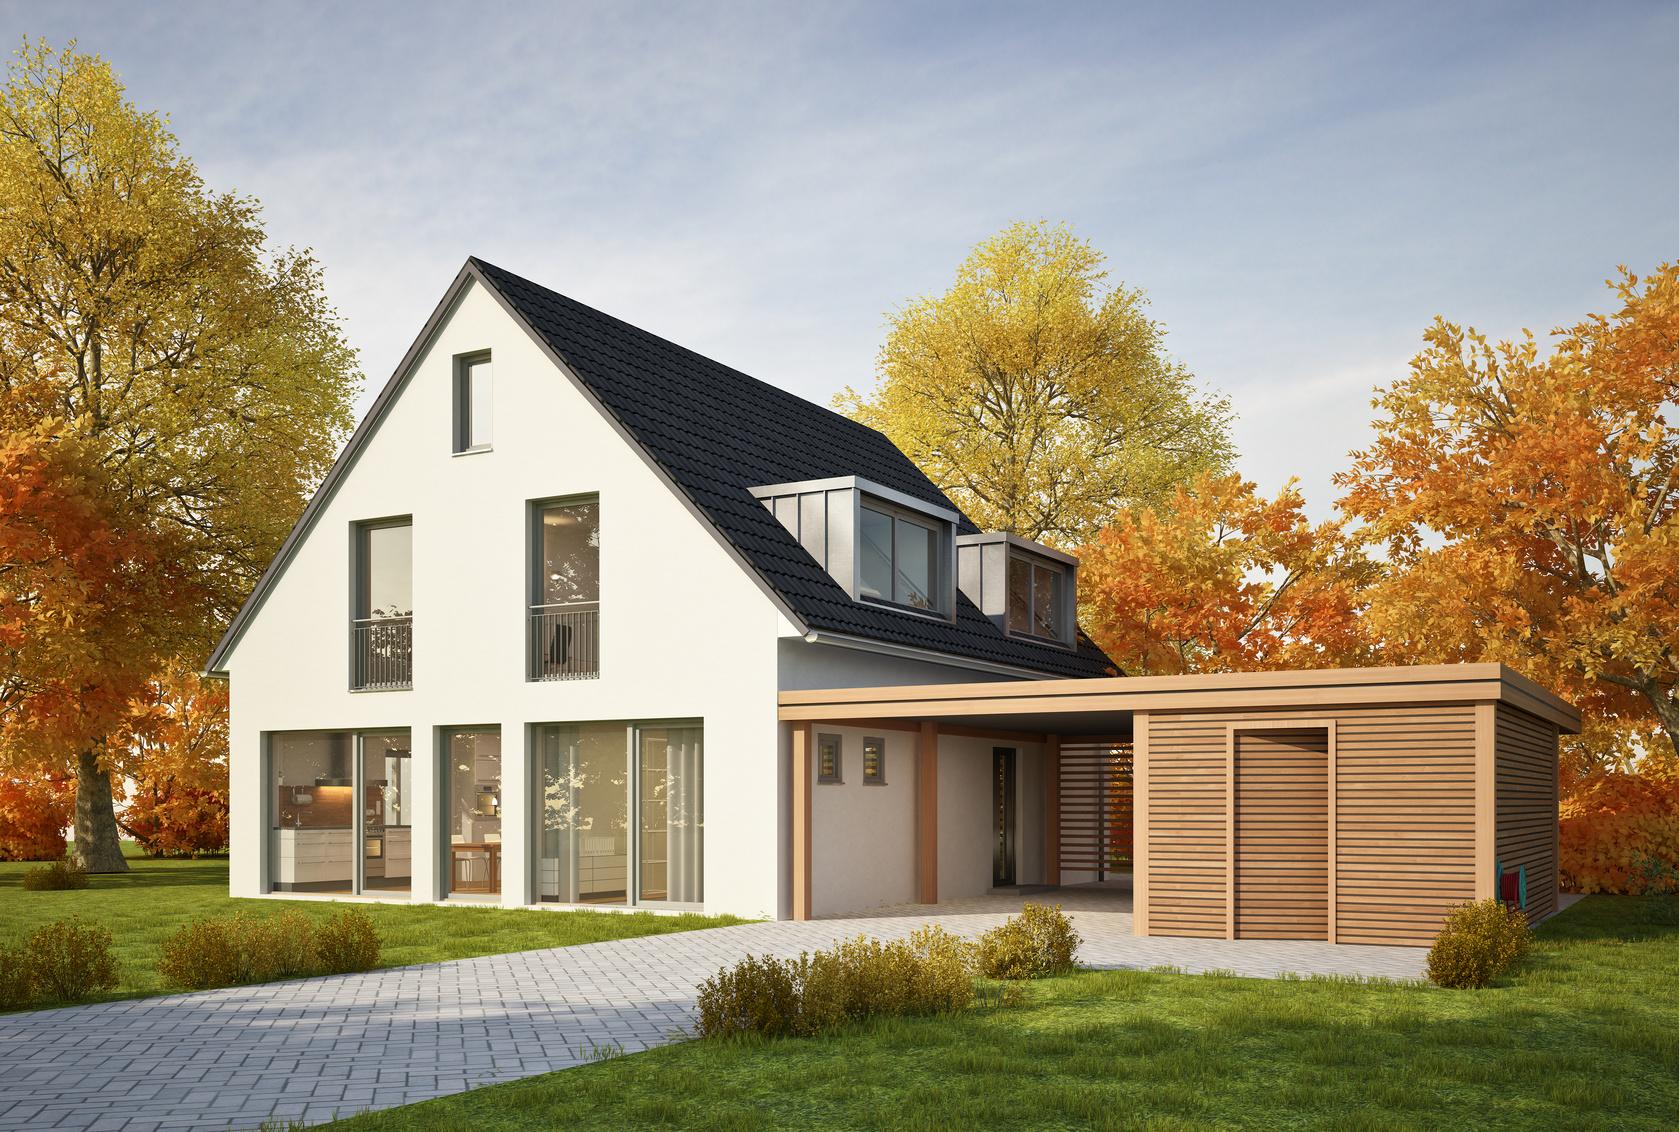 Haus Mit Carport Im Herbst